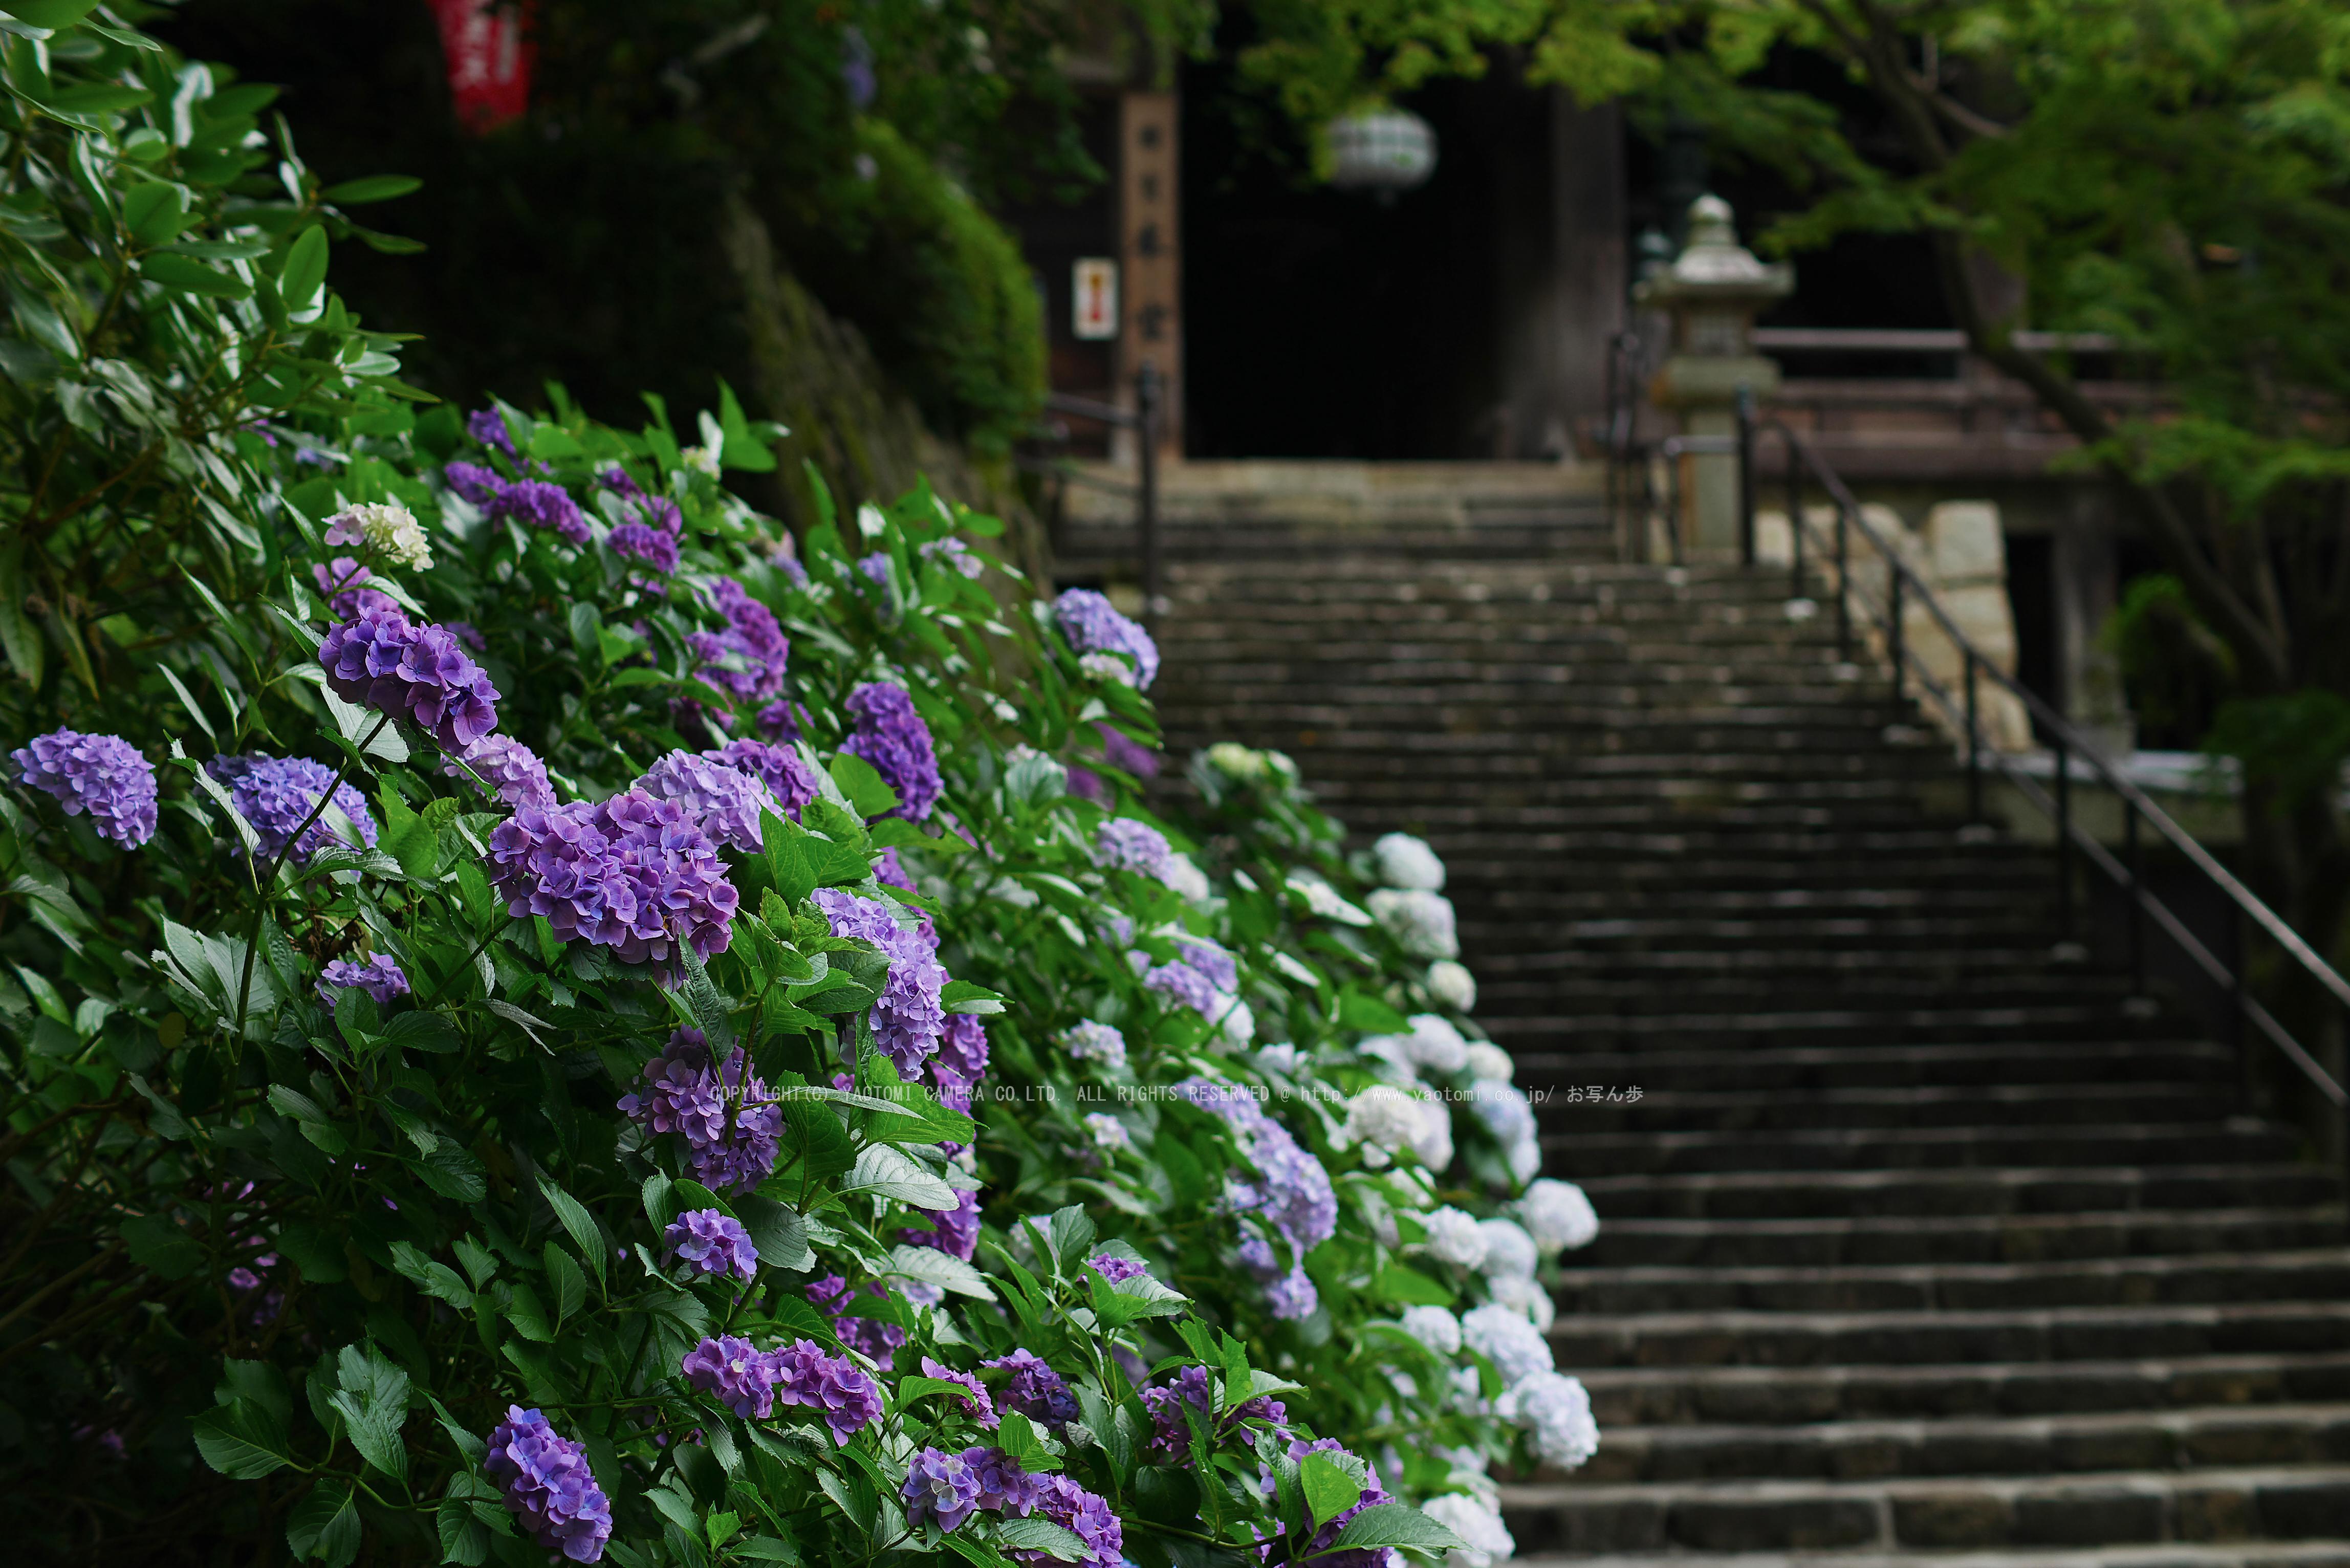 http://www.yaotomi.co.jp/blog/walk/%E9%95%B7%E8%B0%B7%E5%AF%BA%2C%E3%81%82%E3%81%98%E3%81%95%E3%81%84%28P1010039%28RAW%29FL%2C2016yaotomi.jpg